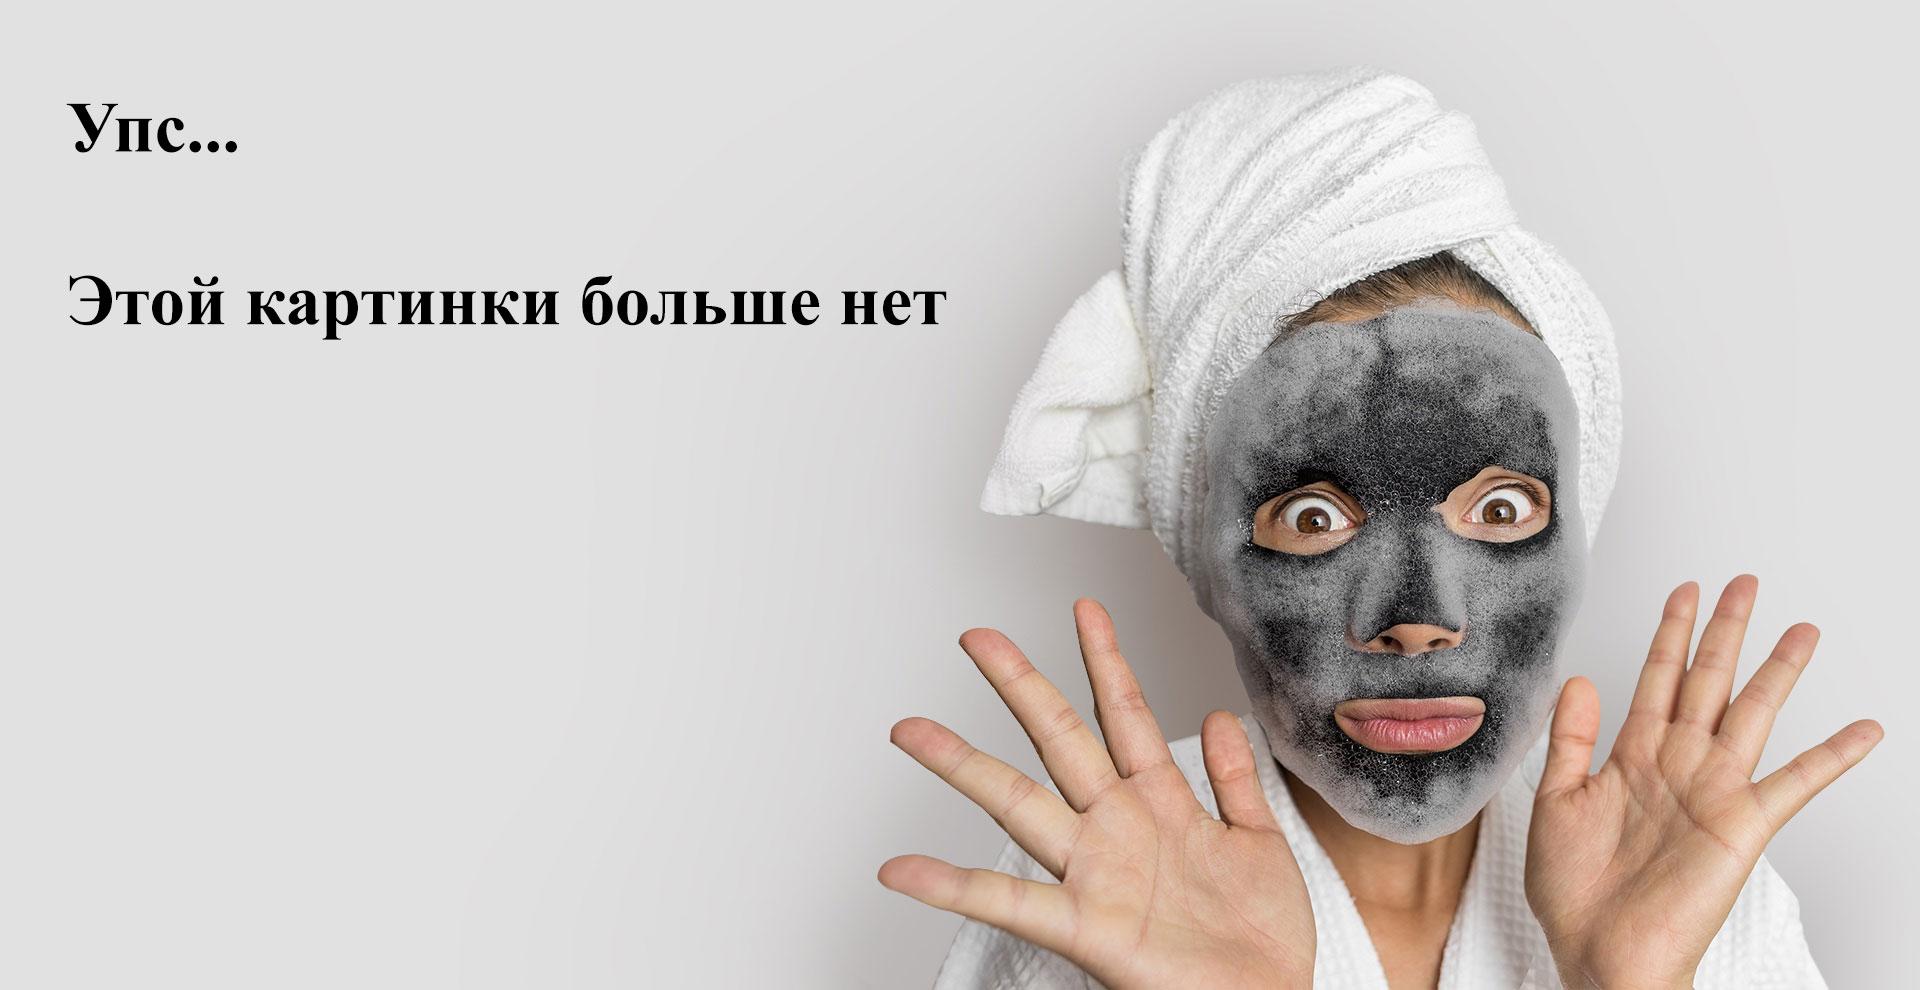 TNL, Гель-лак «8 чувств» №193, Орион